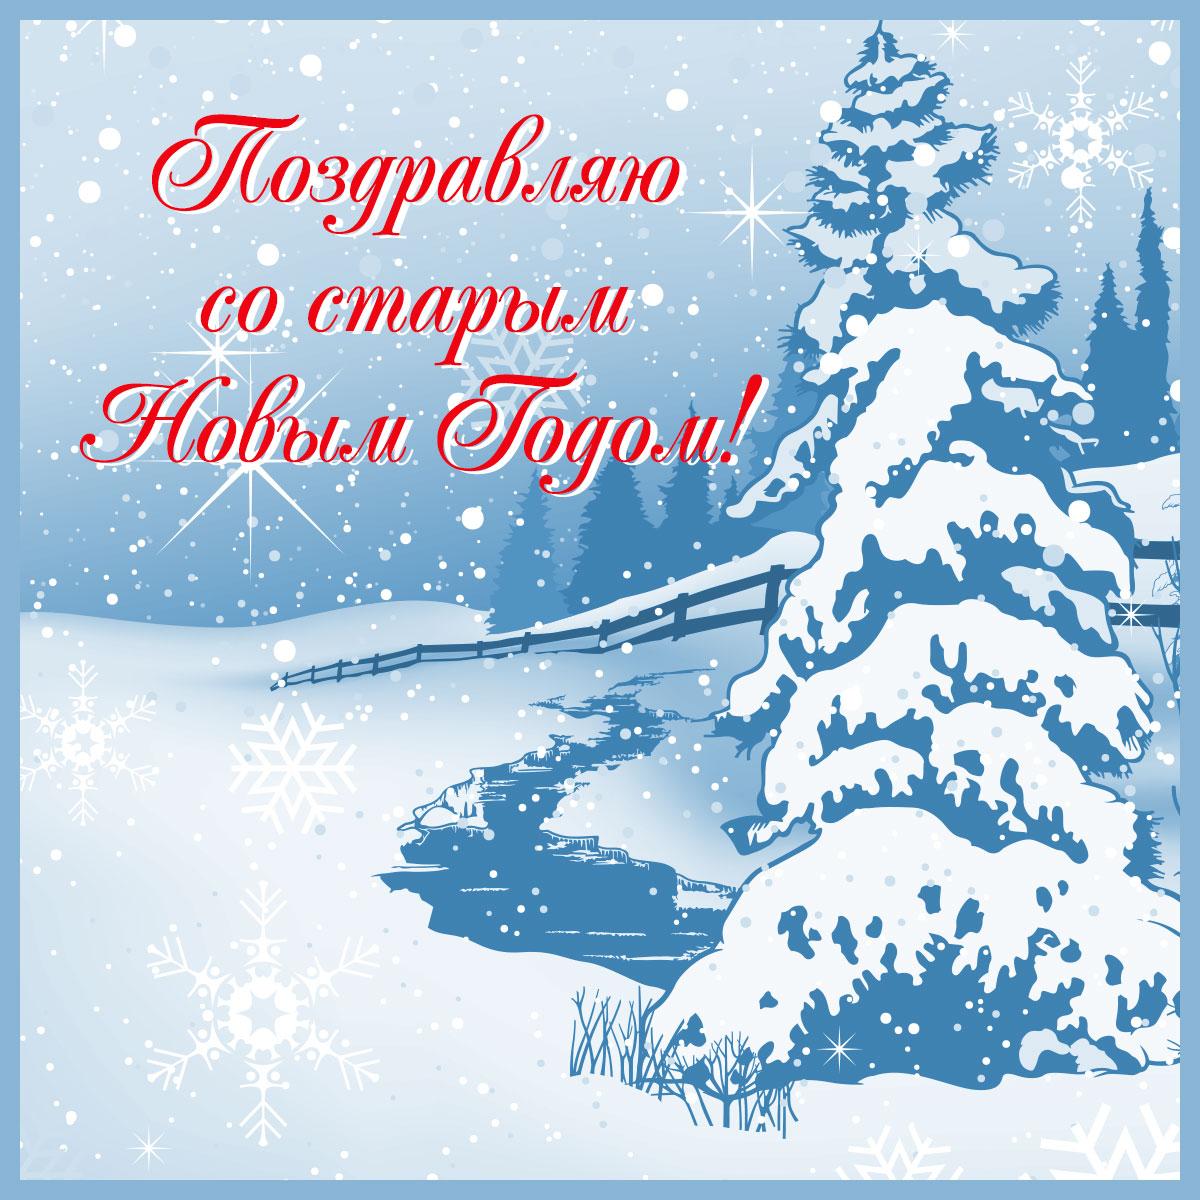 Картинка с текстом поздравления с старым новым годом на фоне зимнего пейзажа с ёлкой и речкой.